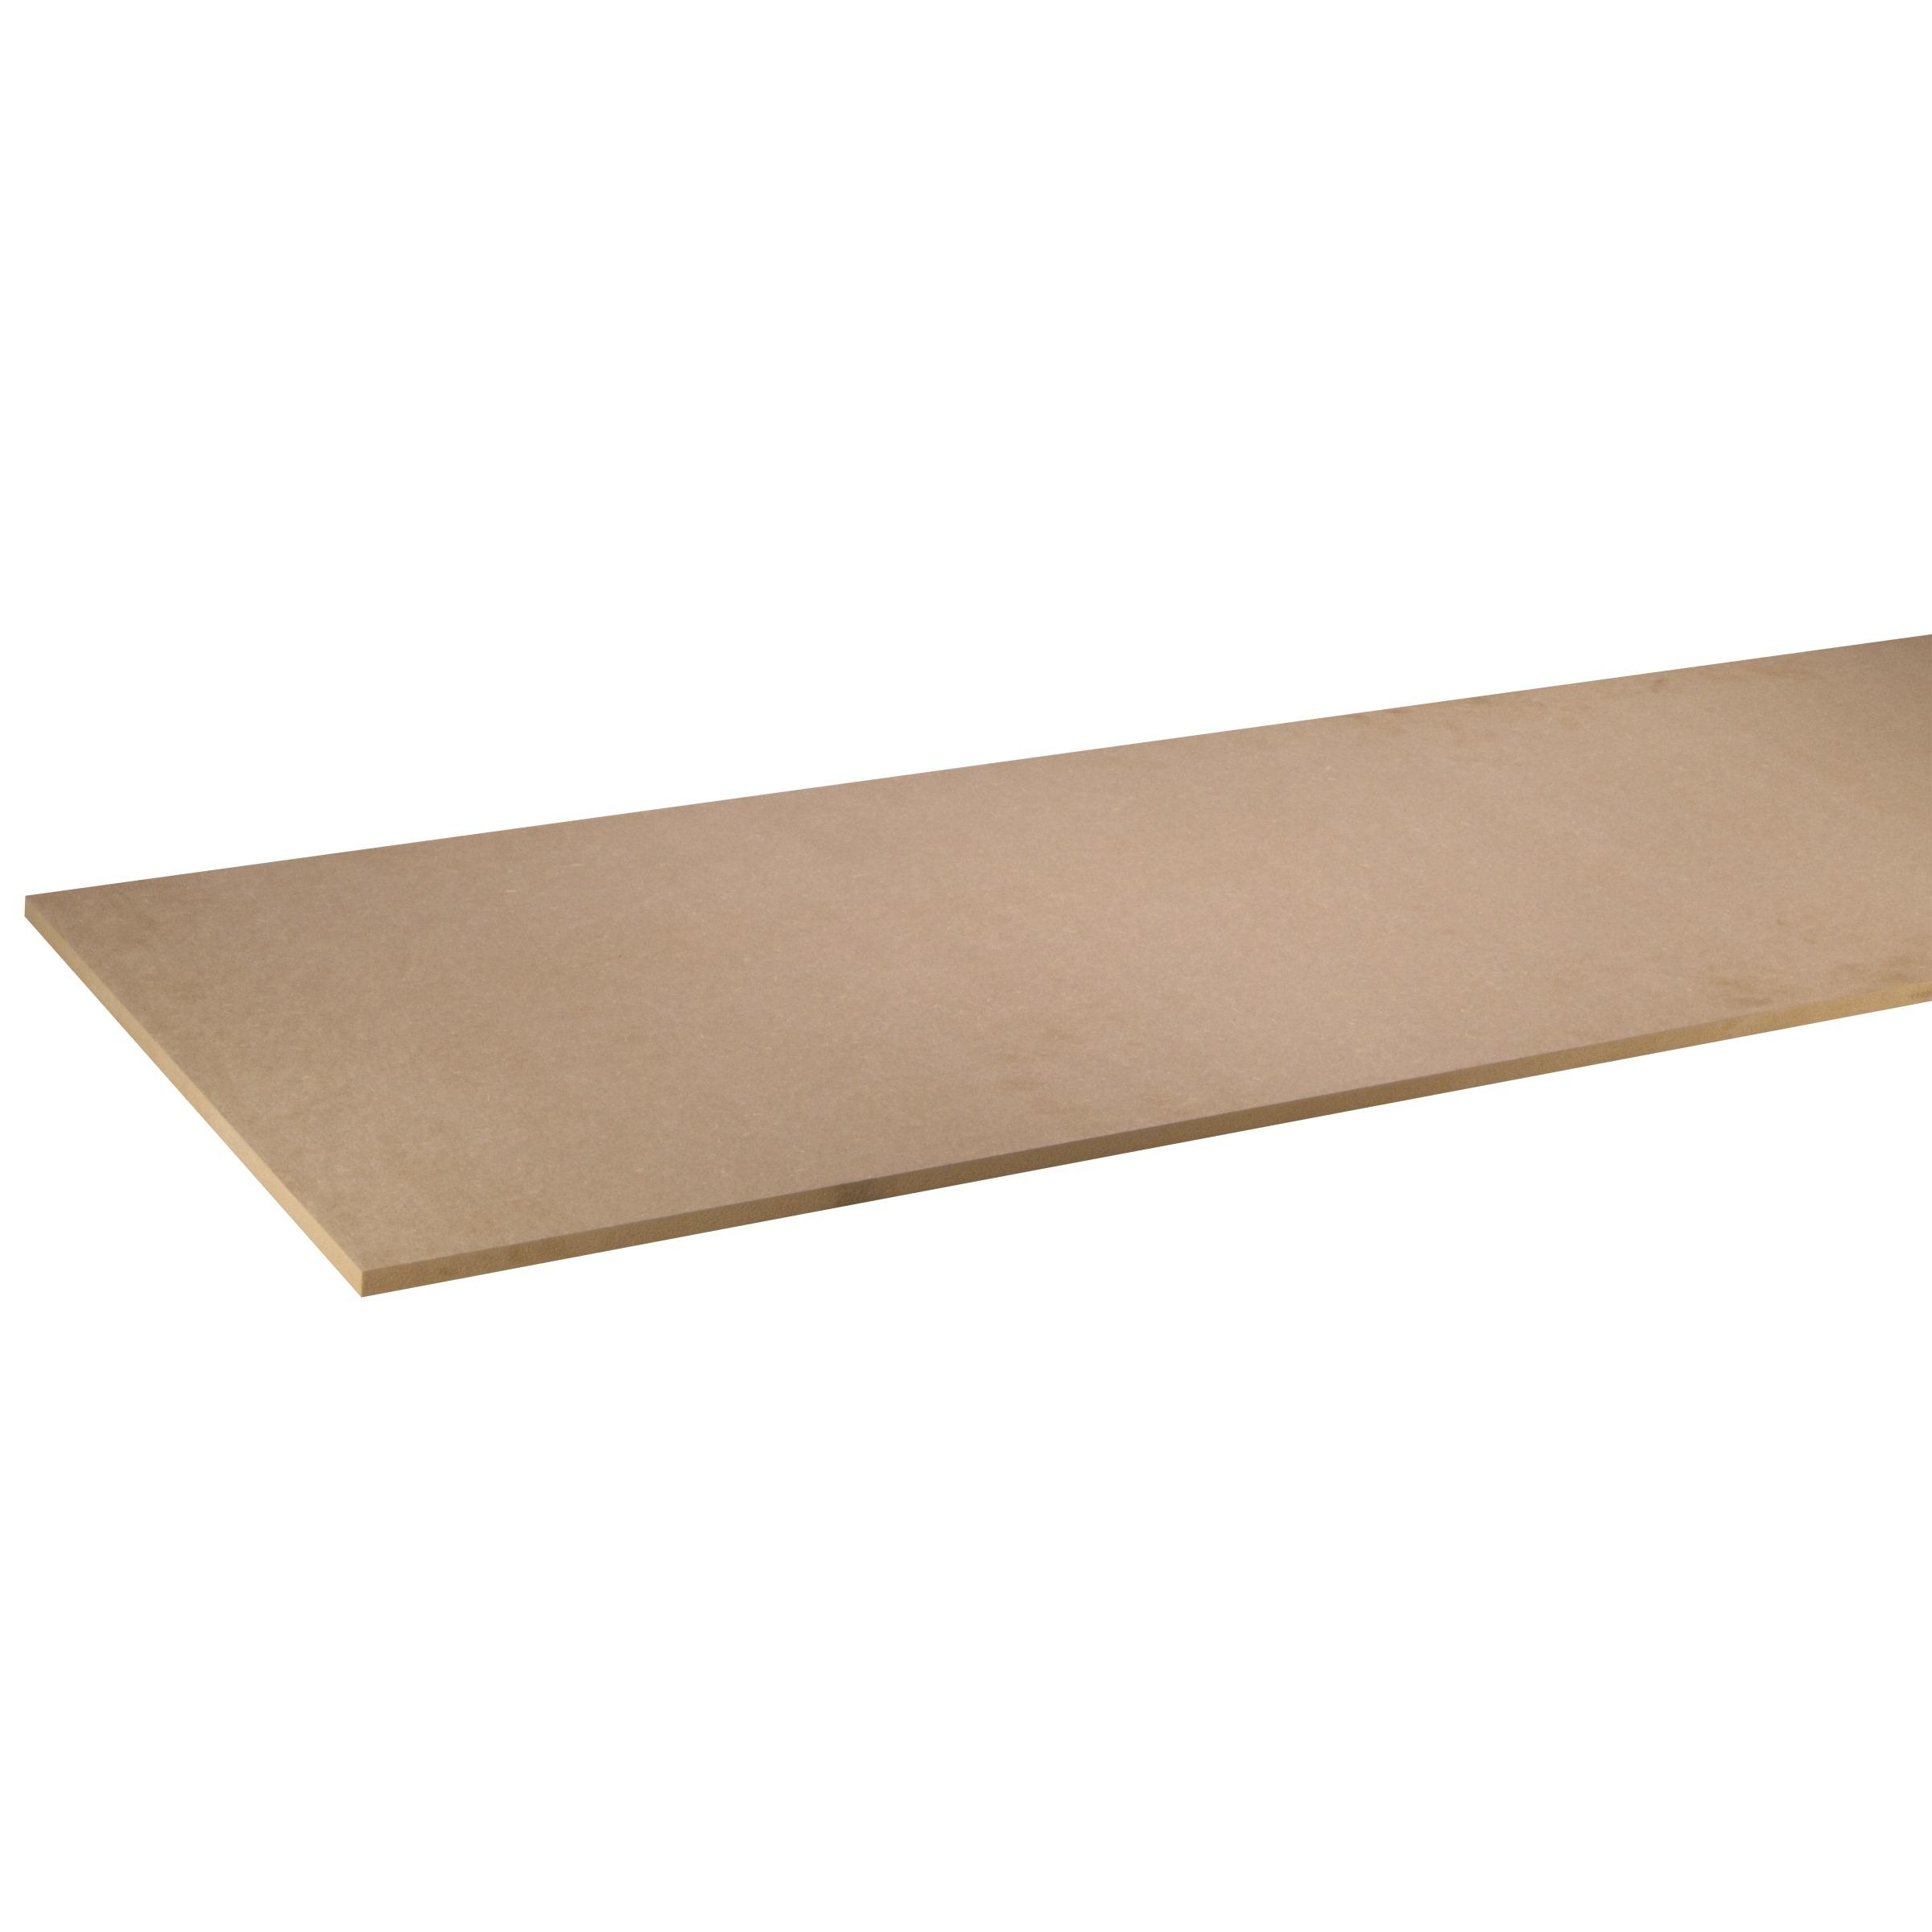 panneau de meuble en mdf pefc 18 mm 244x60 cm panneaux pour meubles panneaux pour meubles. Black Bedroom Furniture Sets. Home Design Ideas